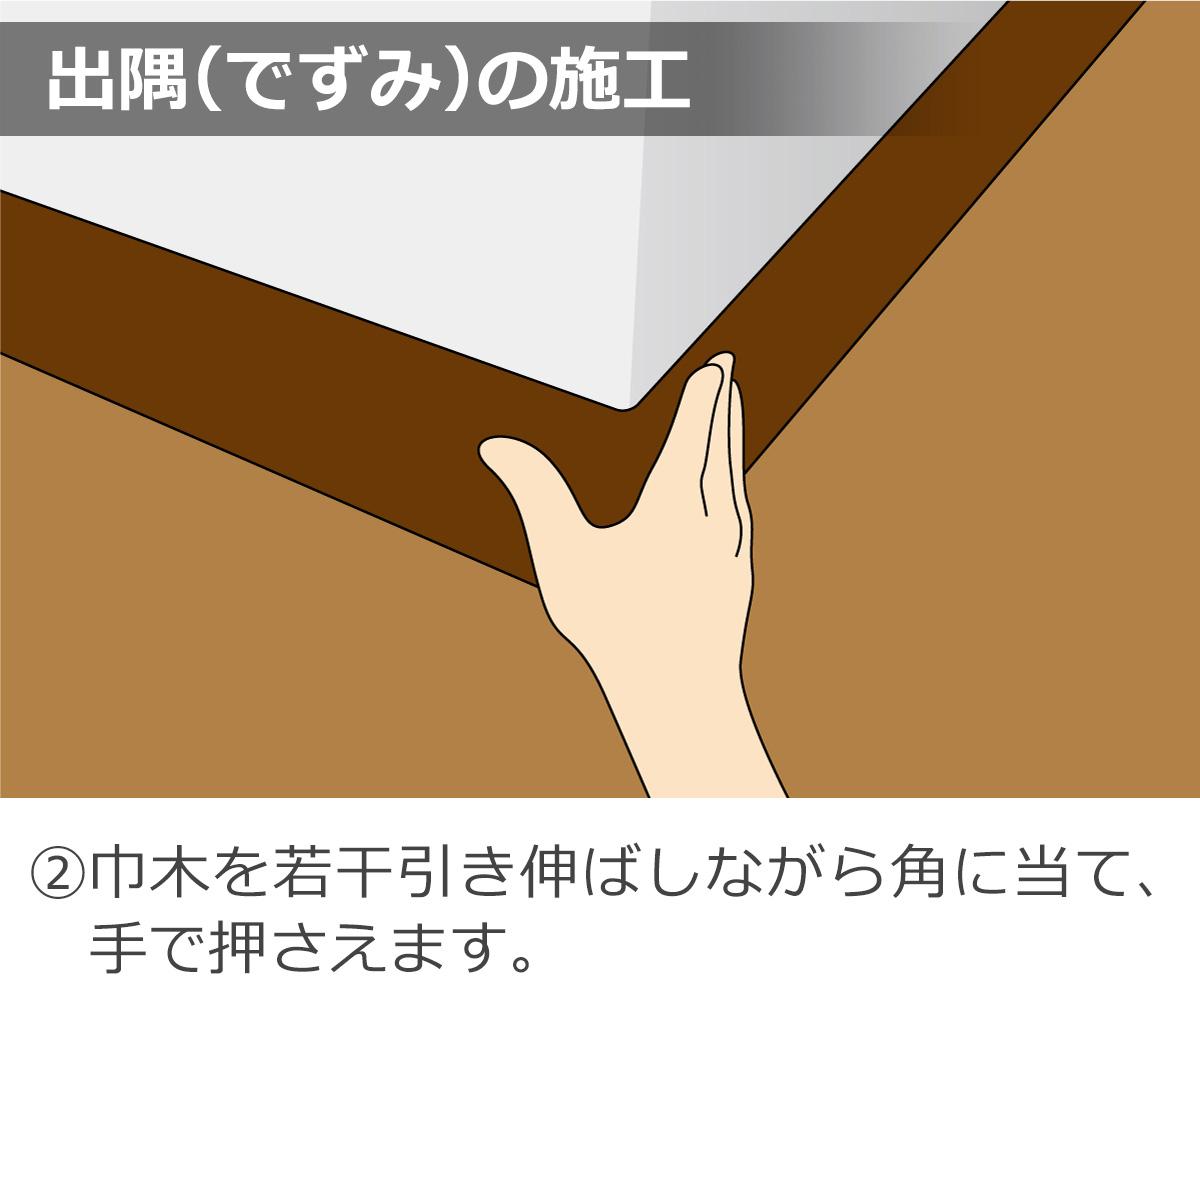 出隅(でずみ)の施工 2・巾木を若干引き伸ばしながら角に当て、手で押さえます。